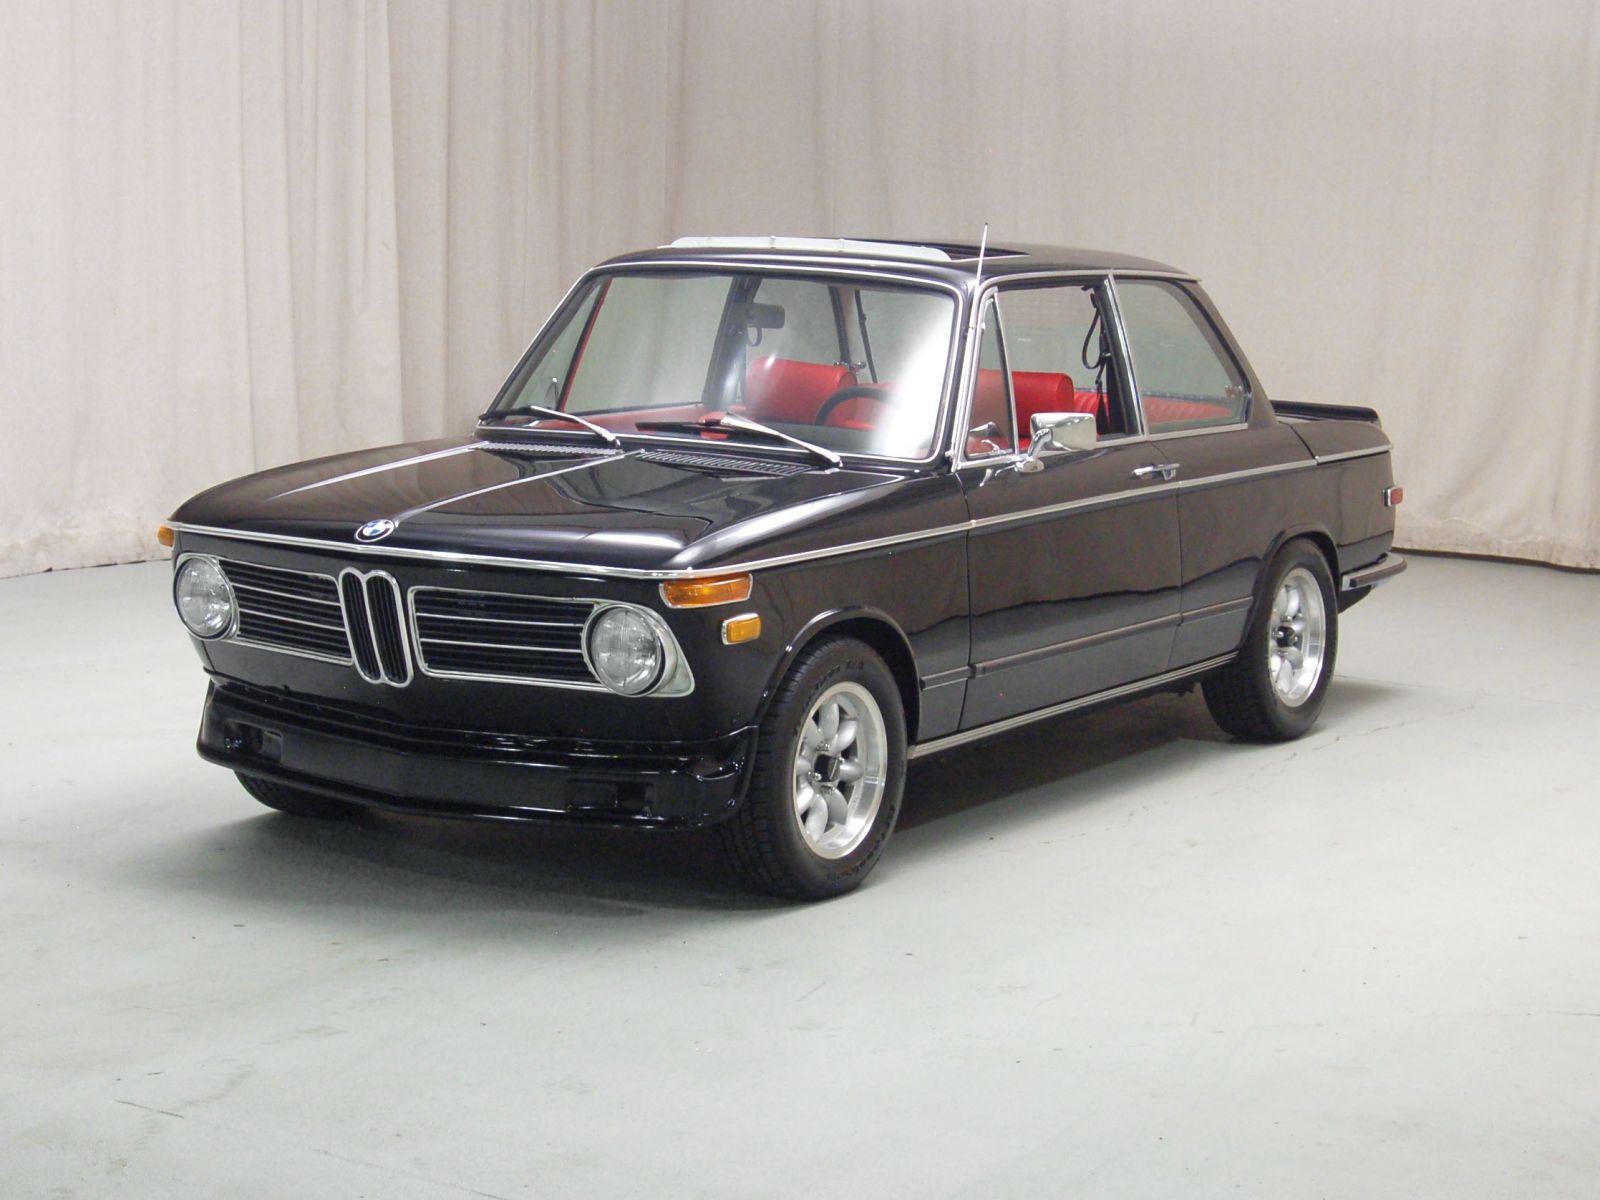 BMW TII Hyman Ltd Classic Cars - 1972 bmw 2002 tii